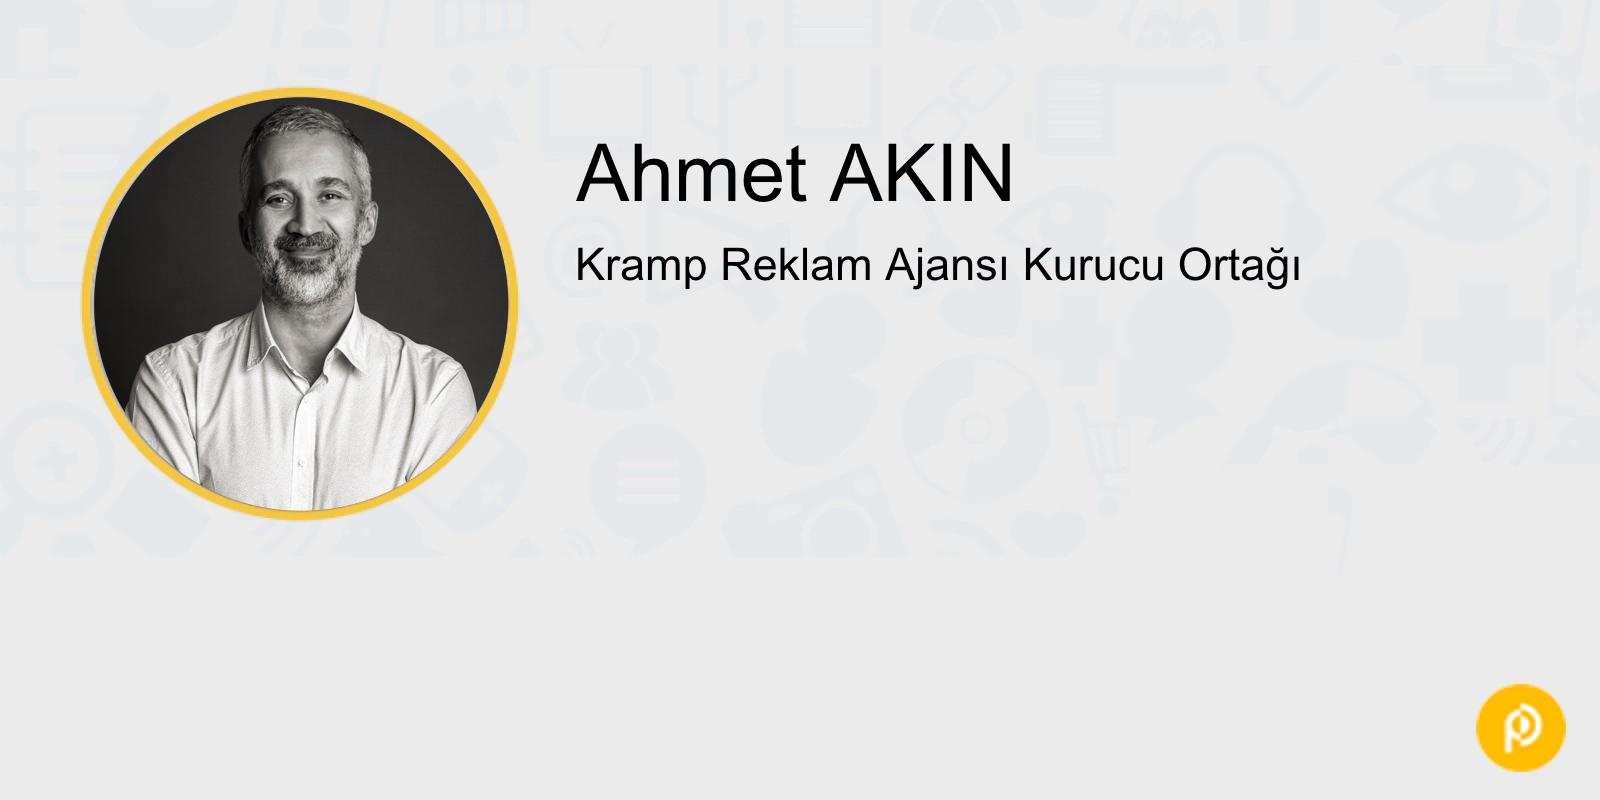 Ahmet Akın: Kendi işimi kurduktan sonra, her sabah köşedeki bakkala, yol kenarındaki simitçiye şapka çıkarmak geliyor içimden.